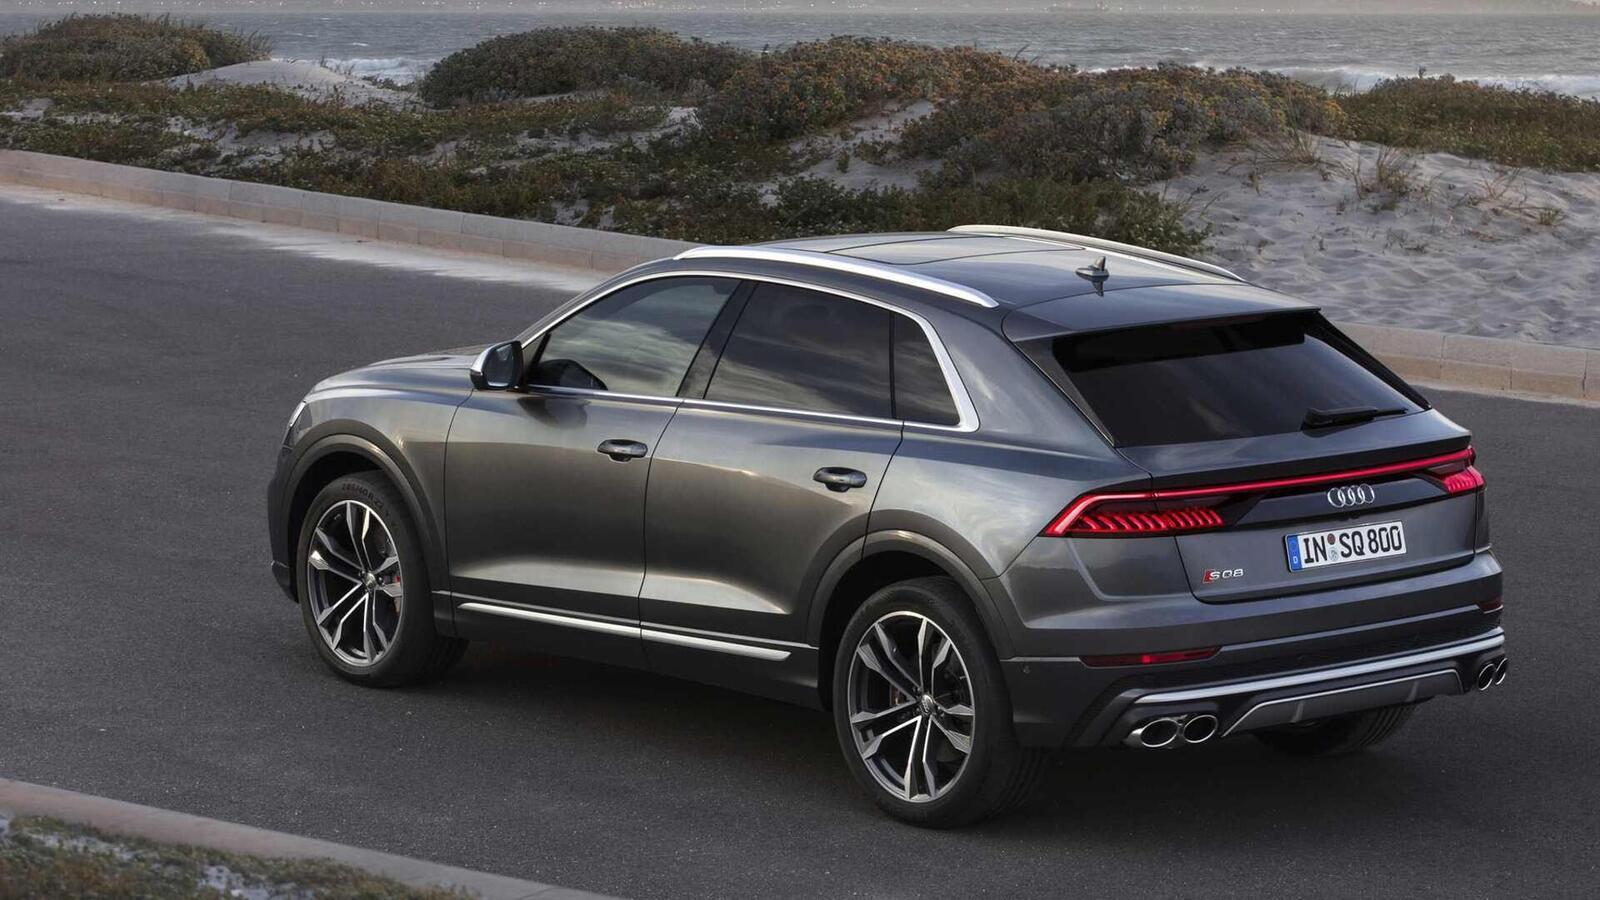 Audi SQ8 ra mắt lắp máy dầu V8 4.0L mild hybrid mạnh 429 mã lực - Hình 13